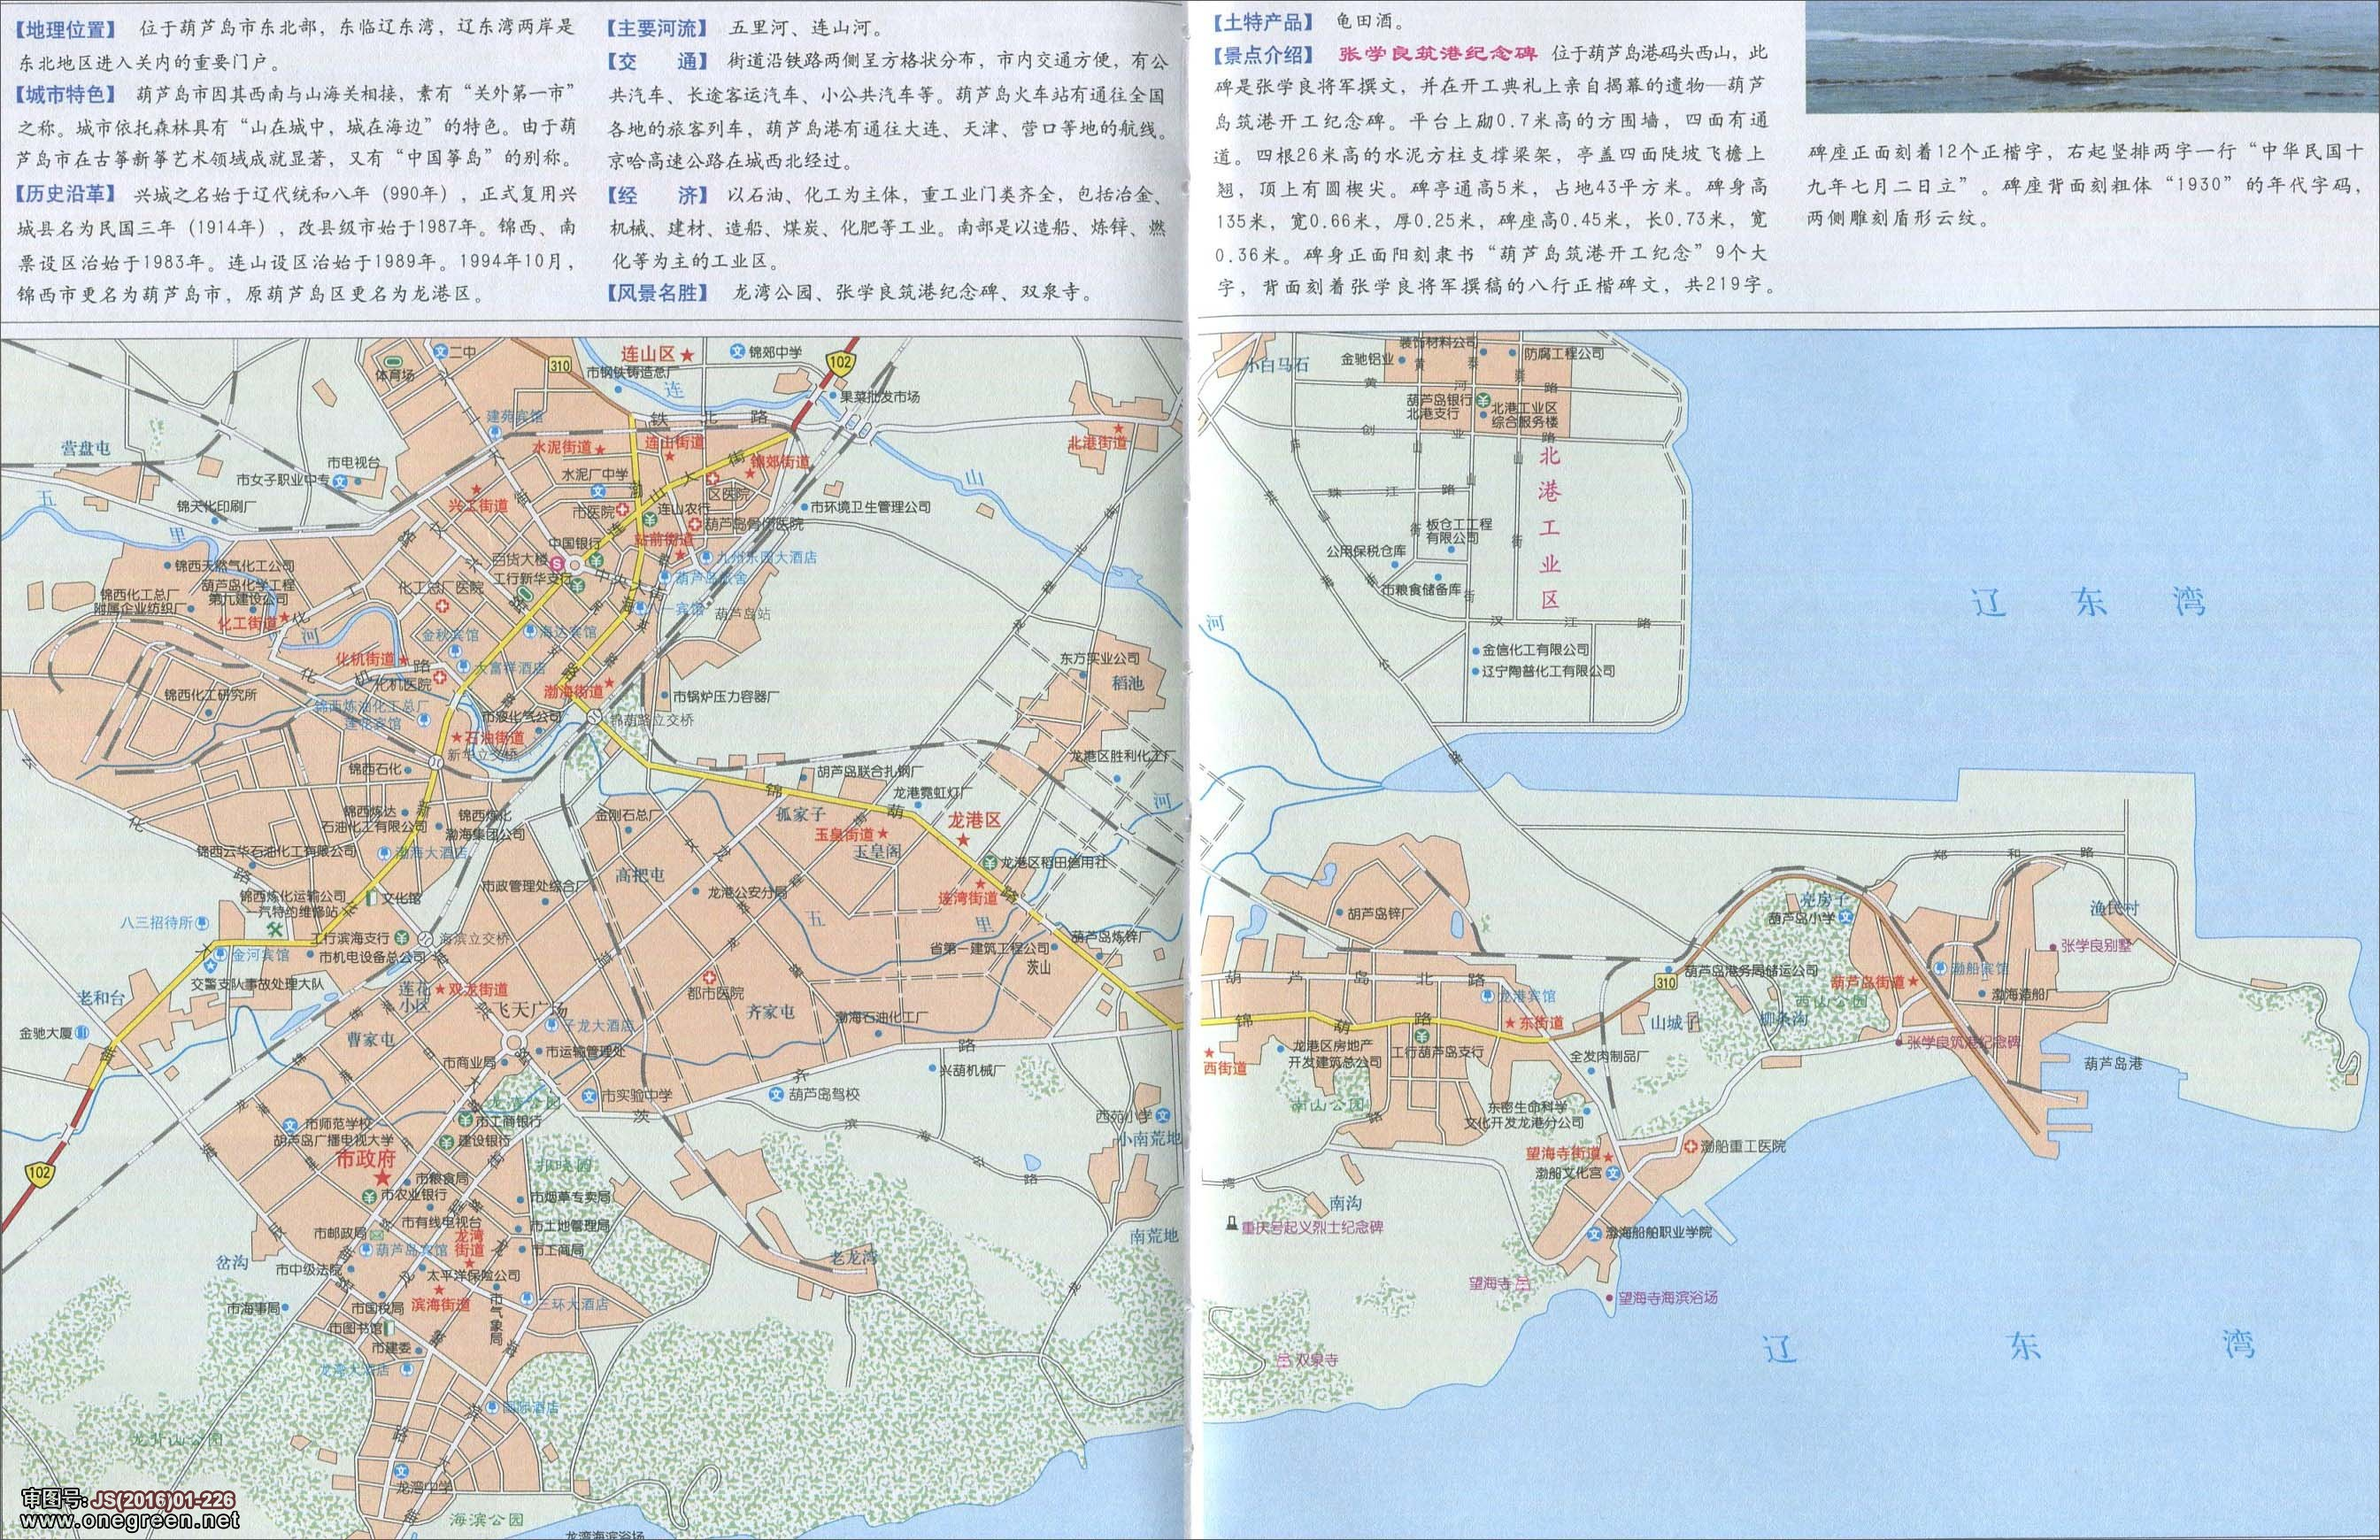 葫芦岛城区地图